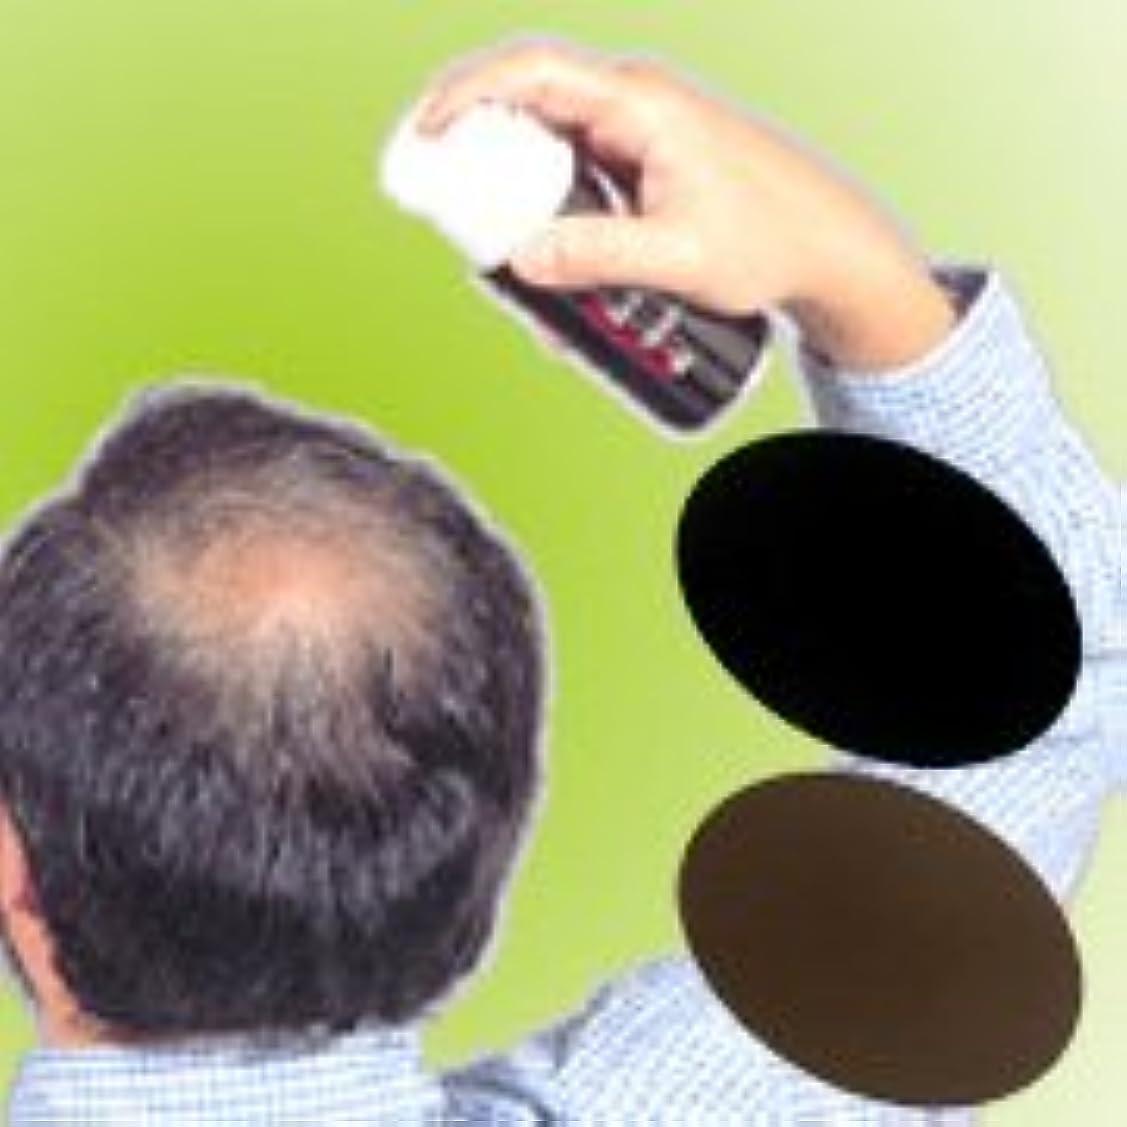 マント傾向があります管理します薄毛?白髪をワンタッチで隠します!男女兼用タイプの増毛スプレー!!【トミーリッチ ブラックヘアー】 (こちらの商品の内訳は『ブラック』のみ)